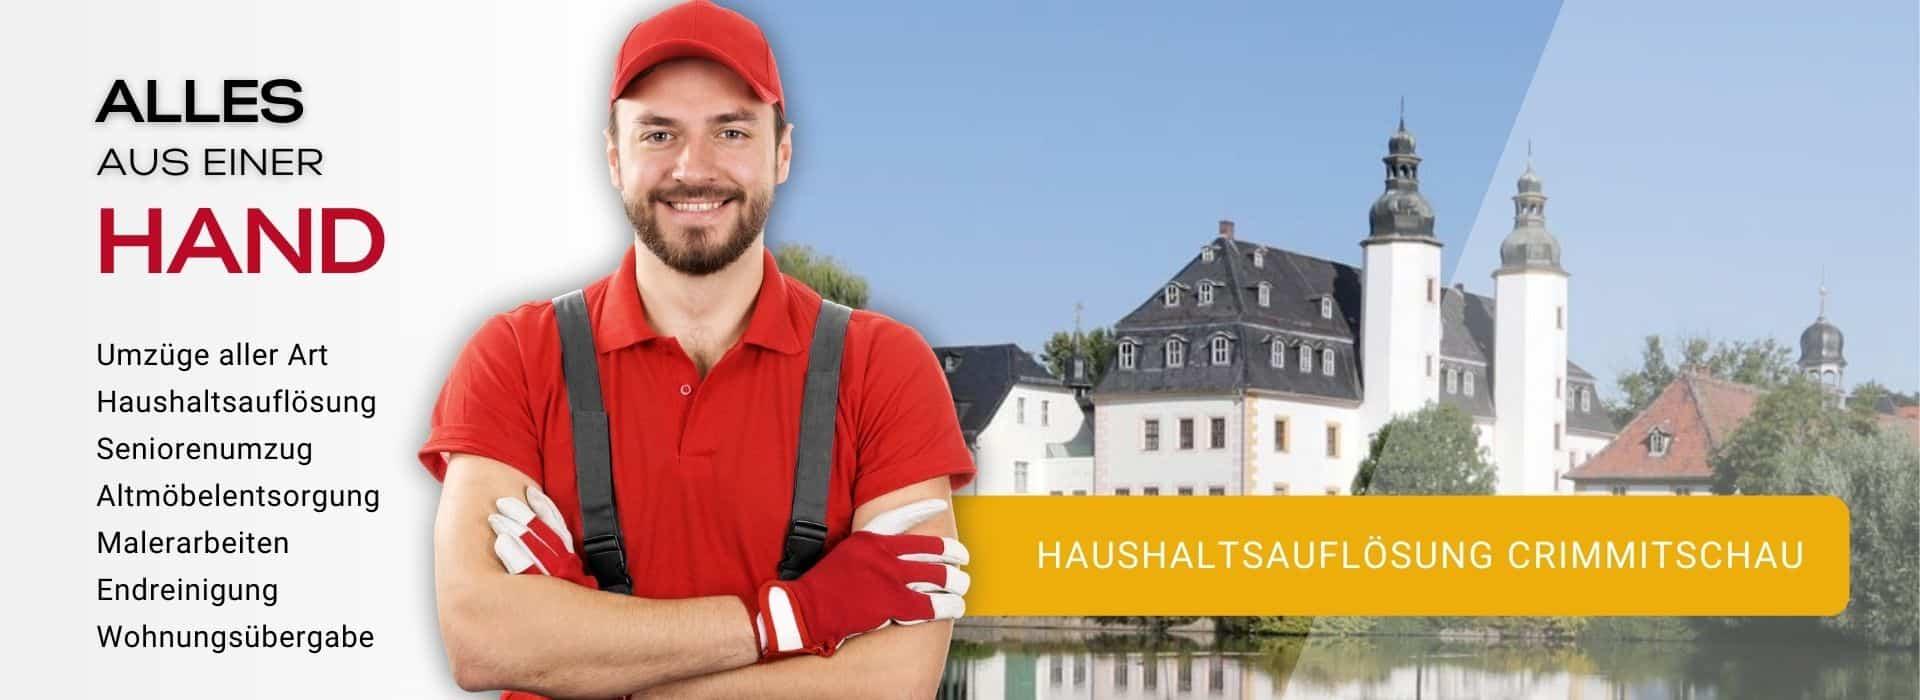 Haushaltsauflösung Crimmitschau Entrümpelung